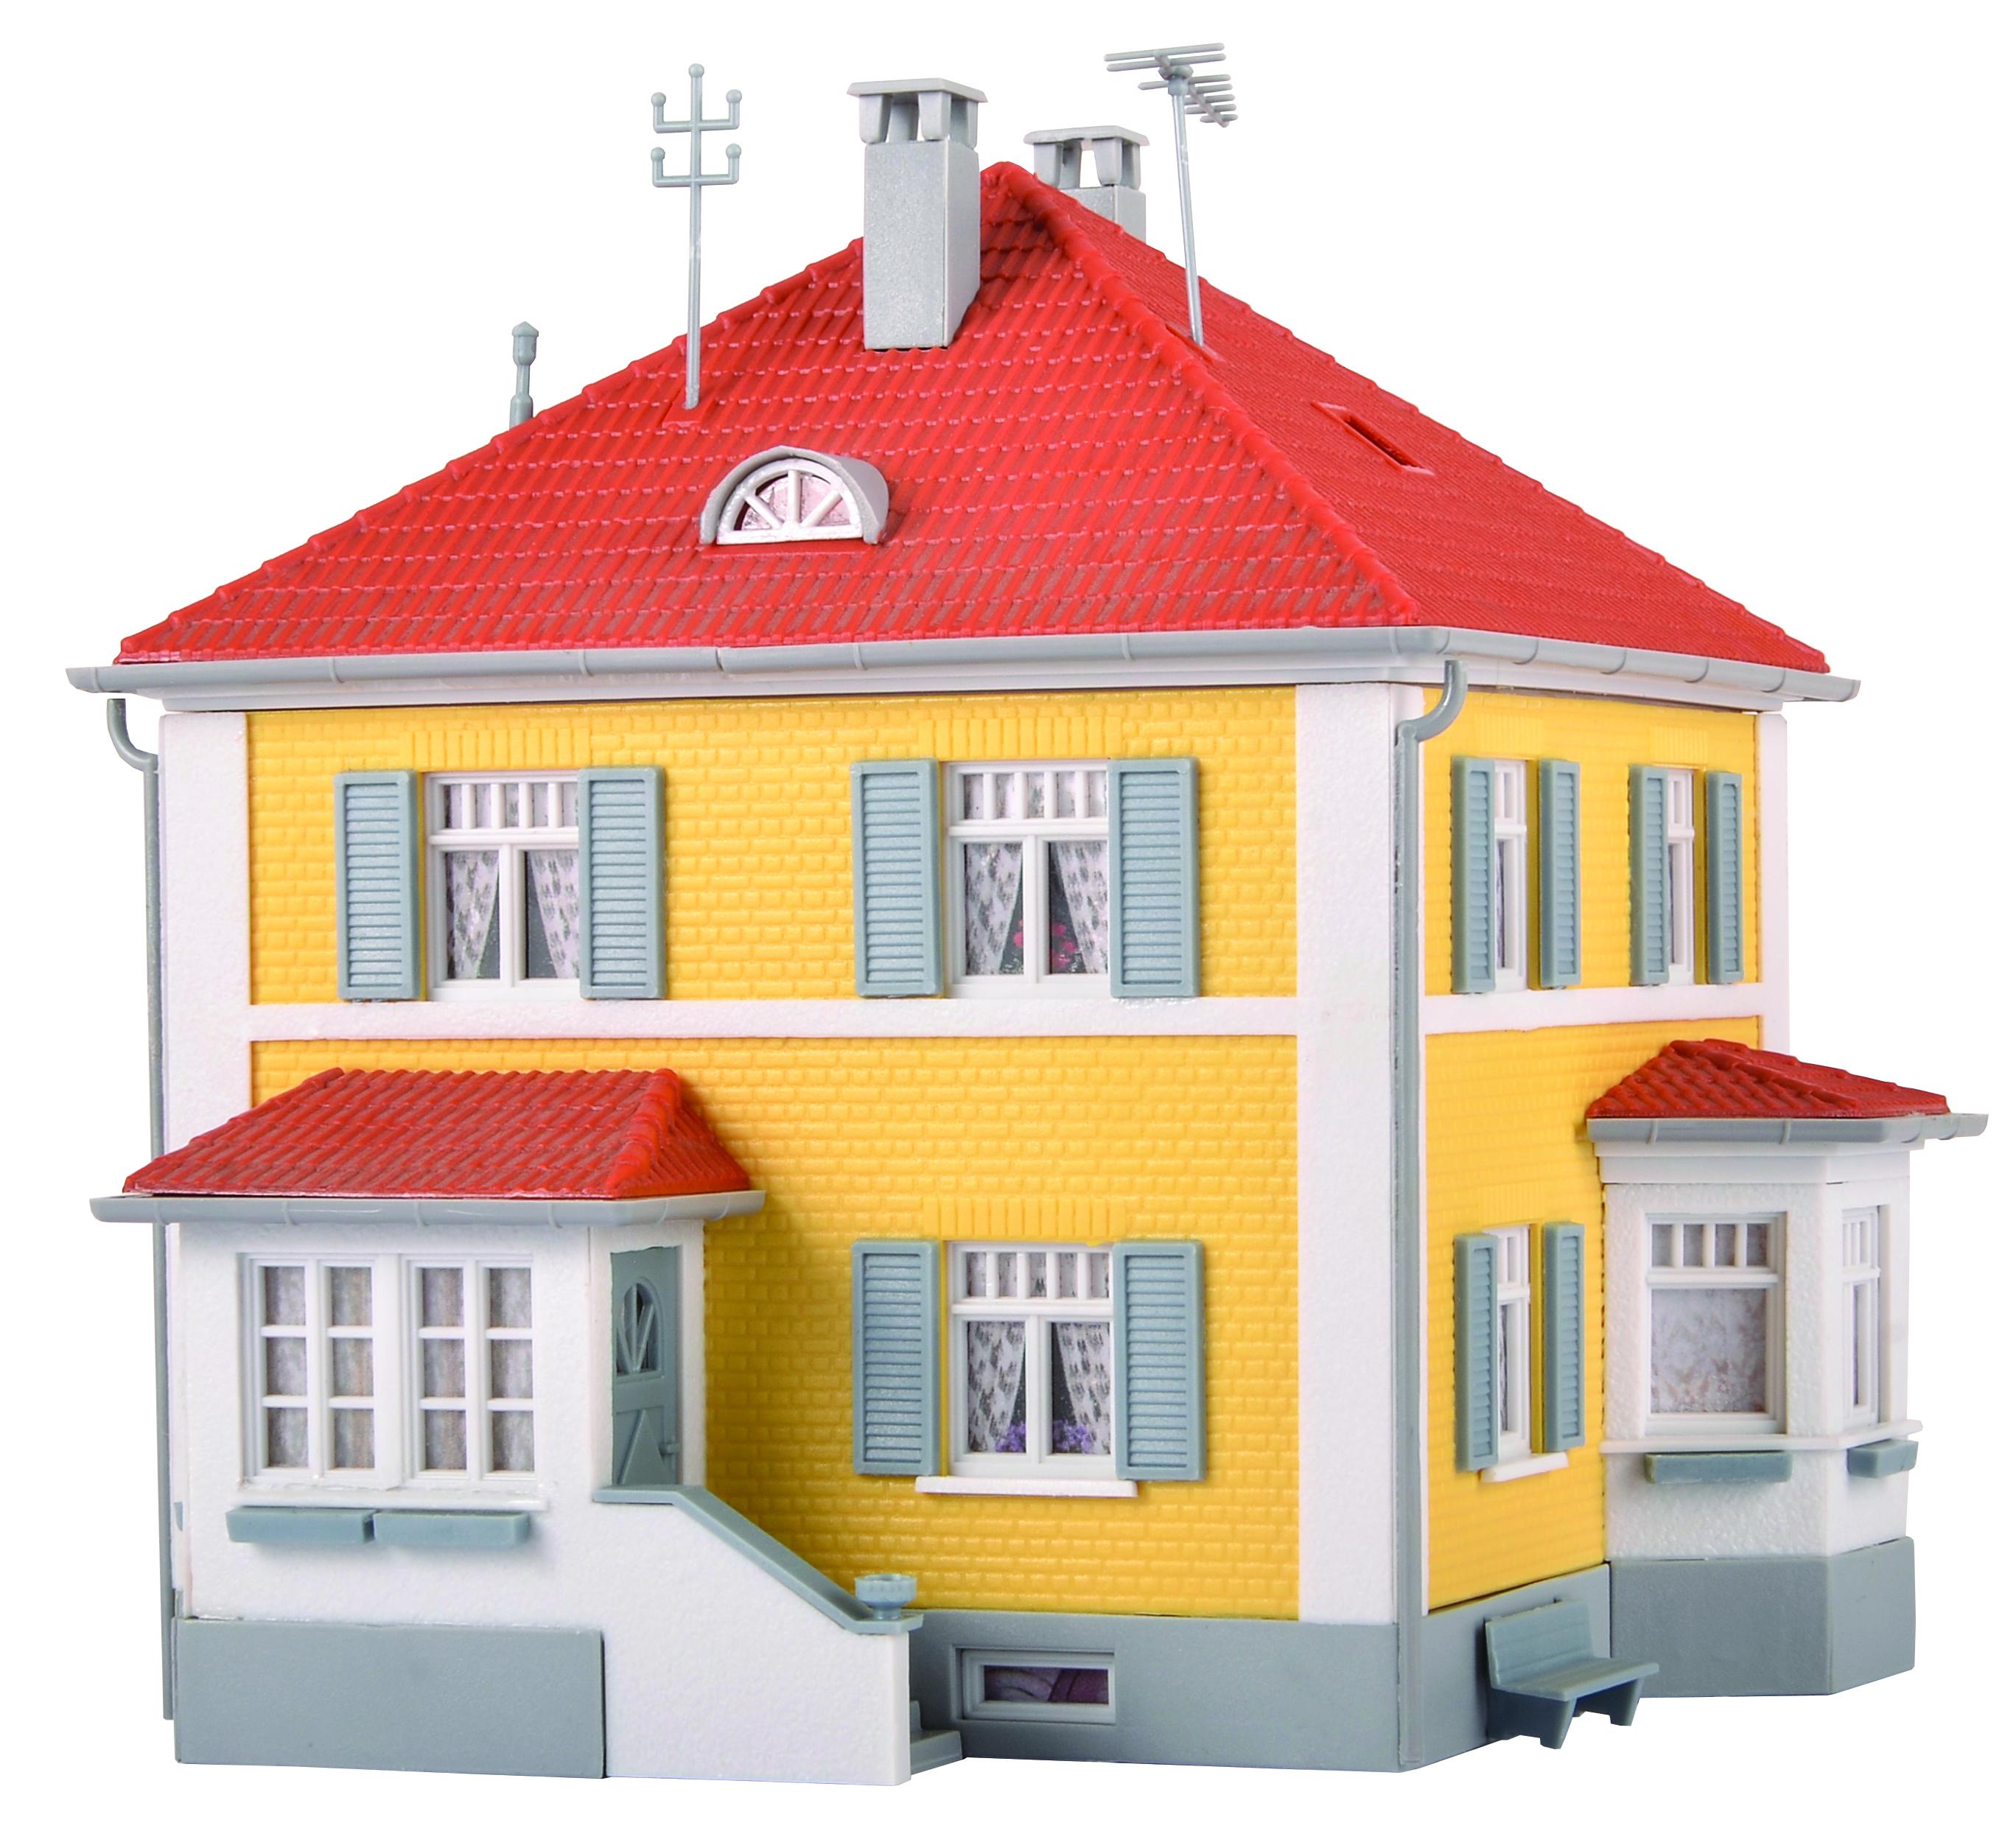 kibri 38178 <br/>Wohnhaus Pappelweg